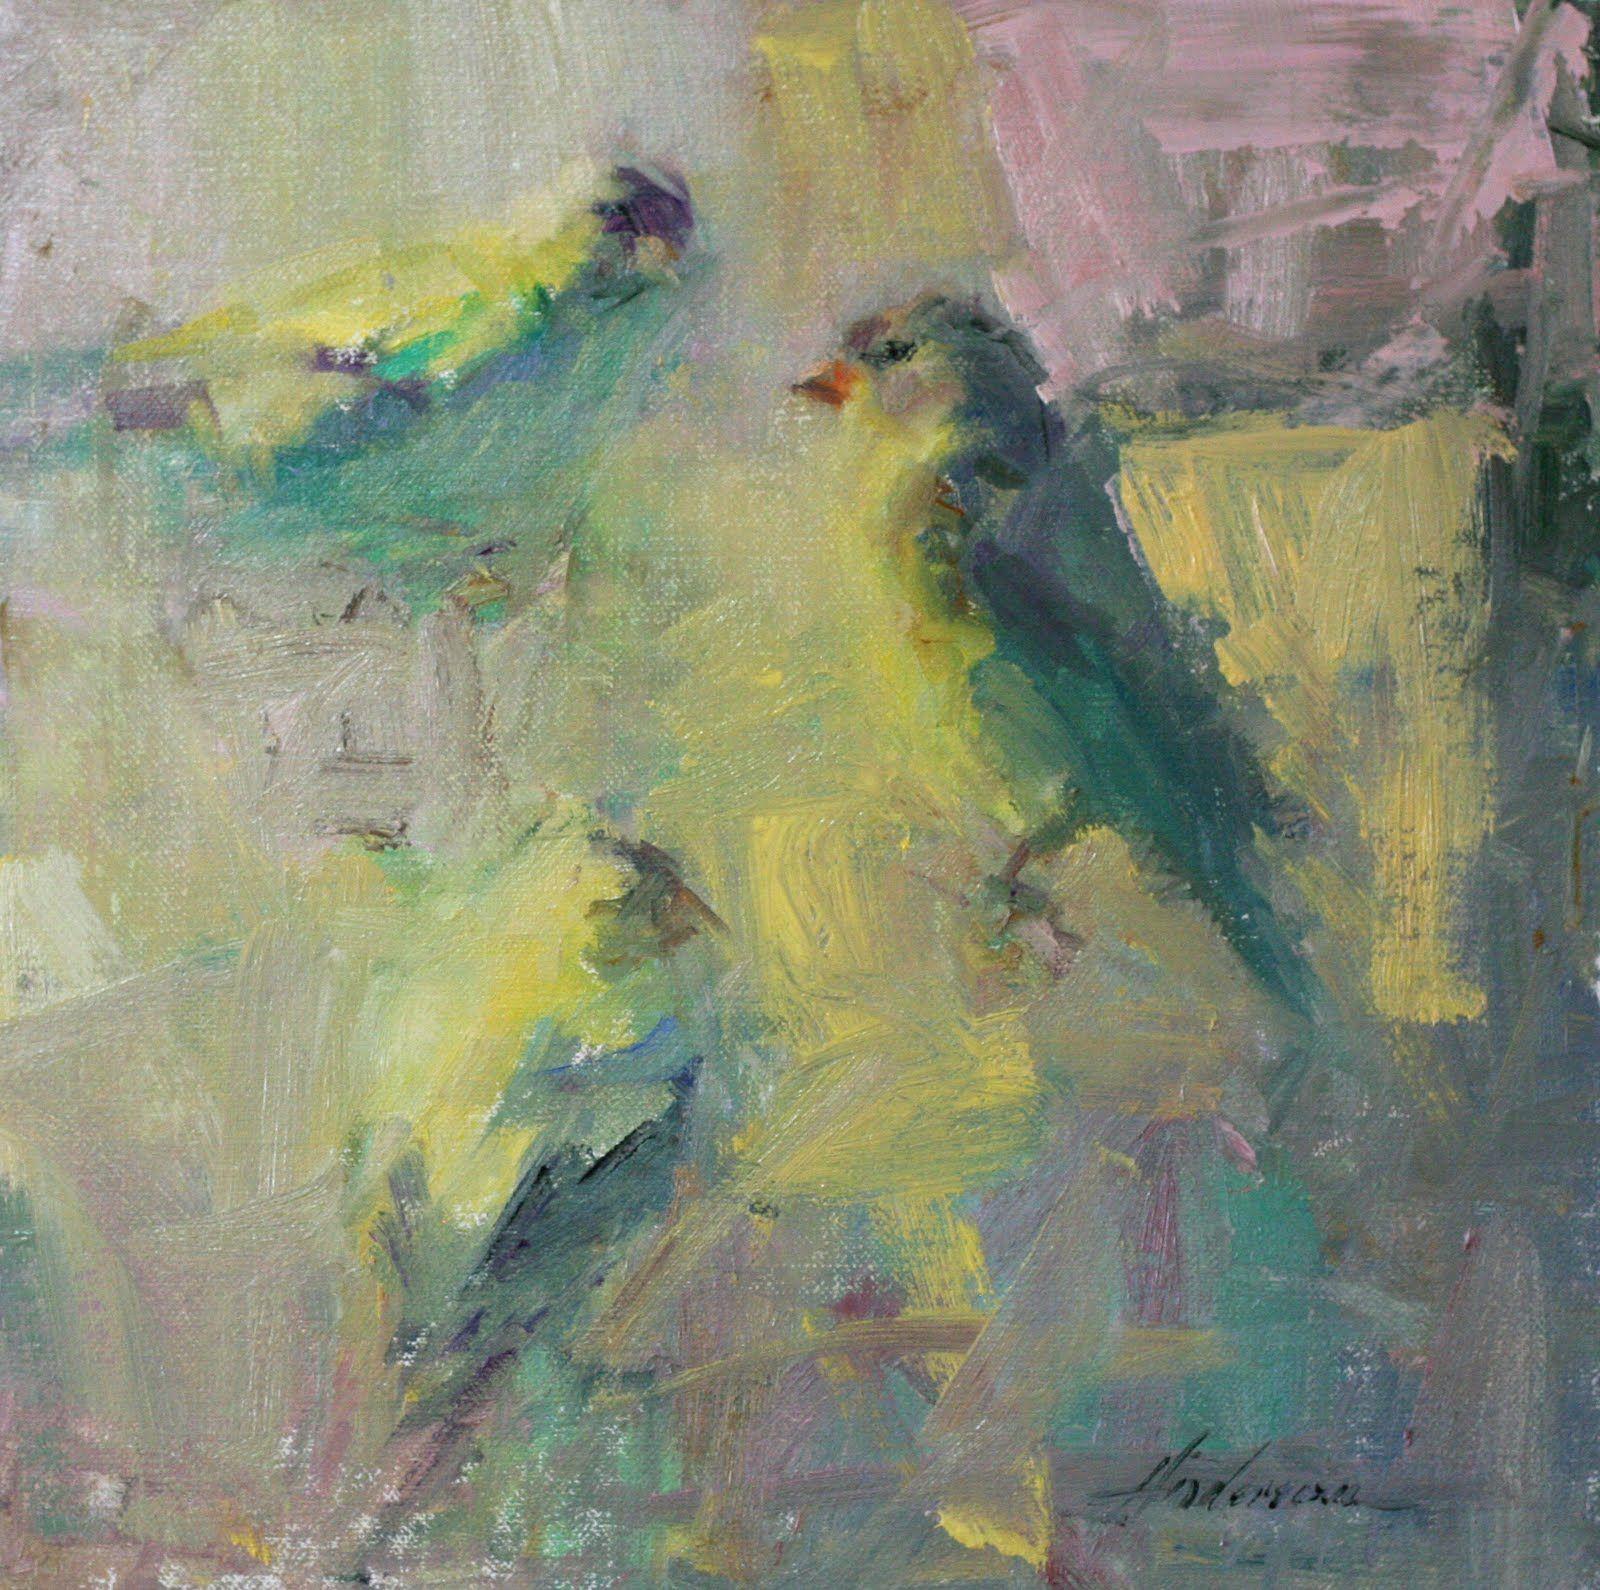 Great artist Carolyn Andersonolyn Anderson/ More paintings